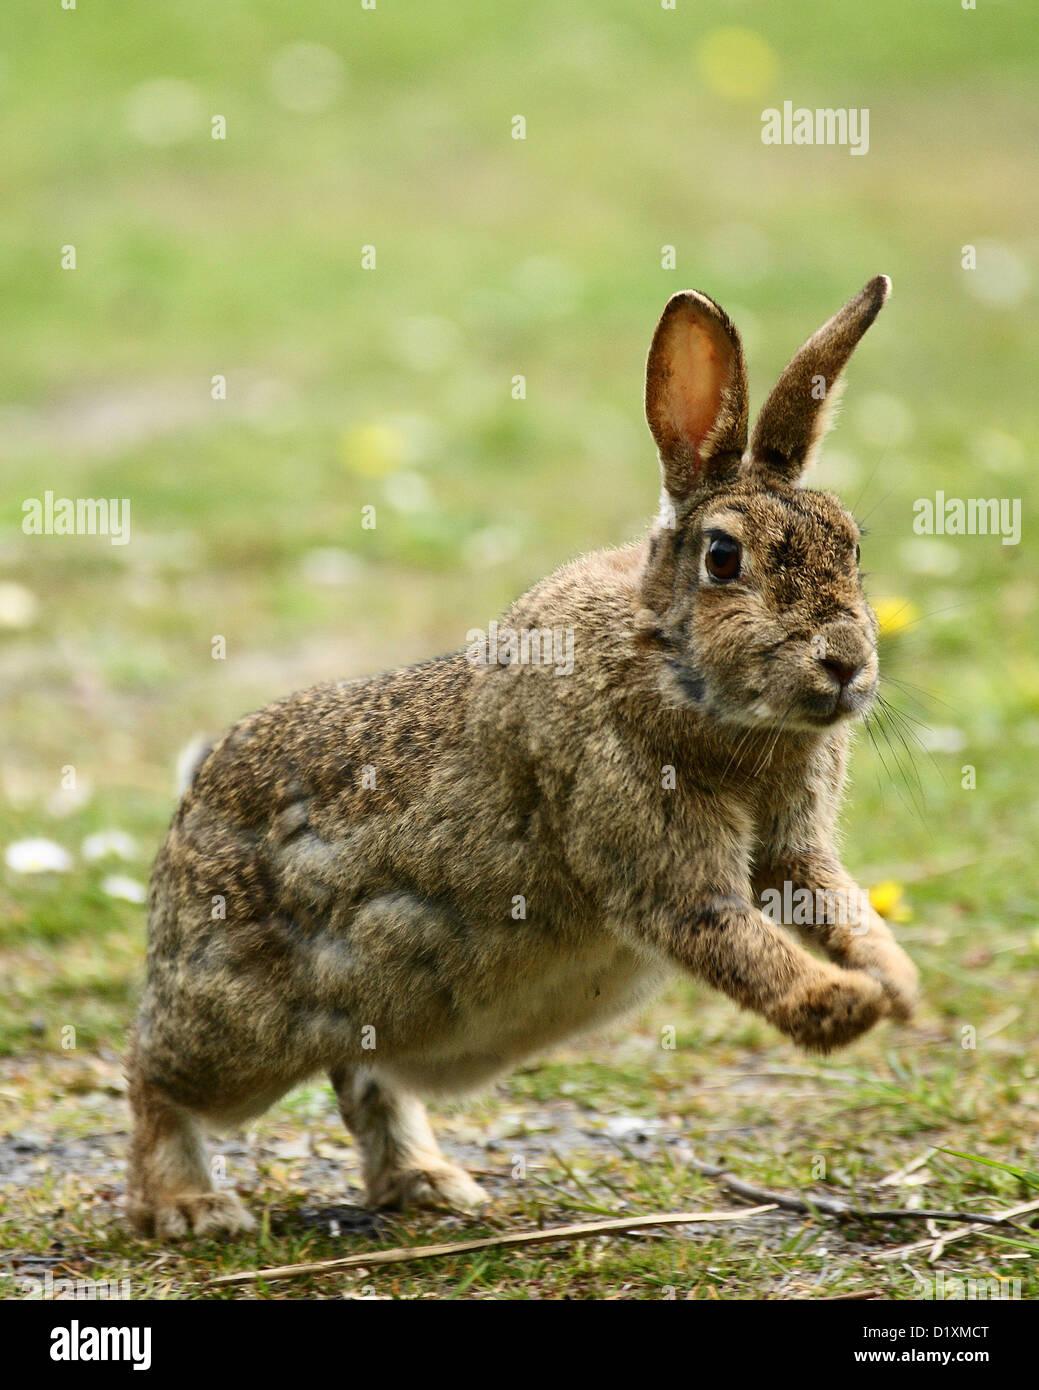 Wild bunnies dating site